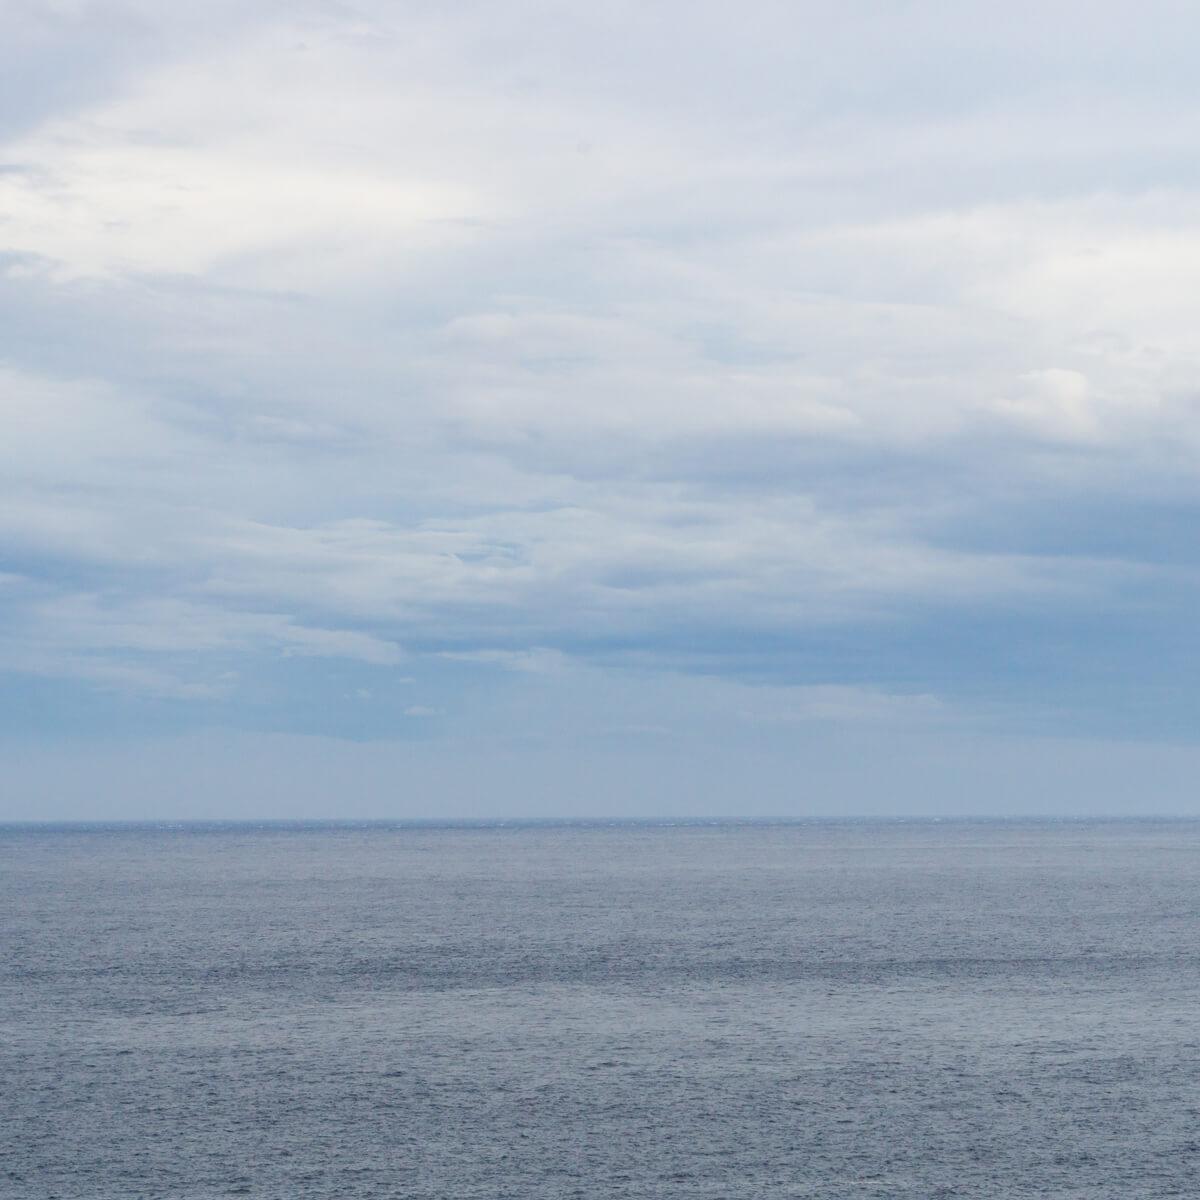 屋久島の海 水平線 屋久島海とジュエリー 屋久島つくる結婚指輪